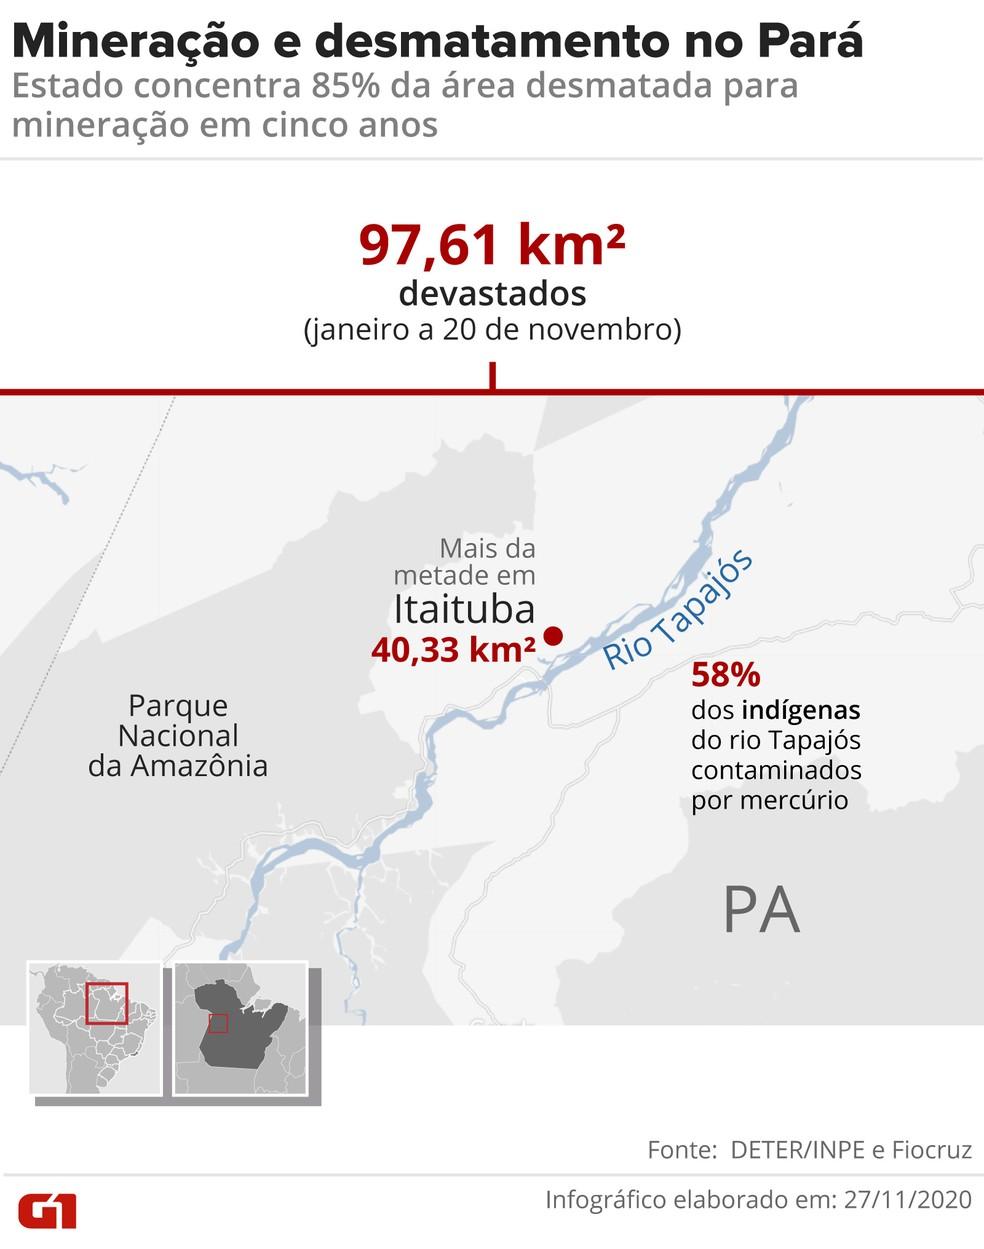 Desmatamento causado por mineração no Pará em 2020. — Foto: Arte/G1